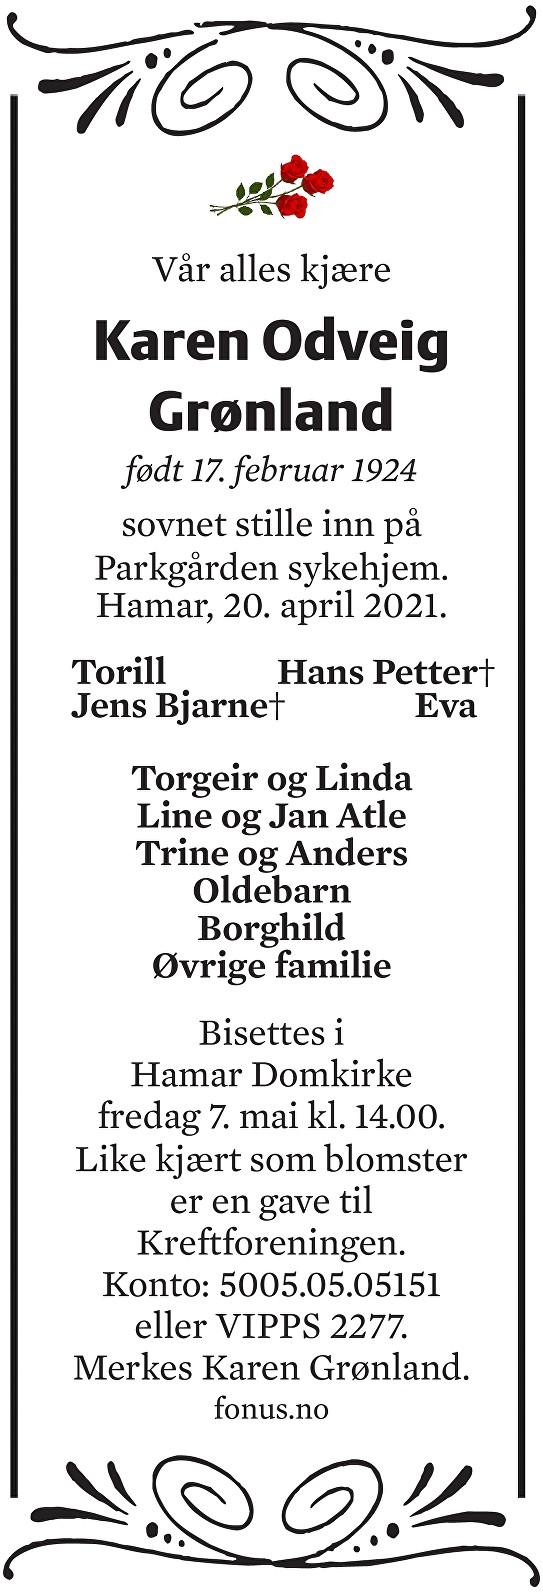 Karen Odveig Grønland Dødsannonse